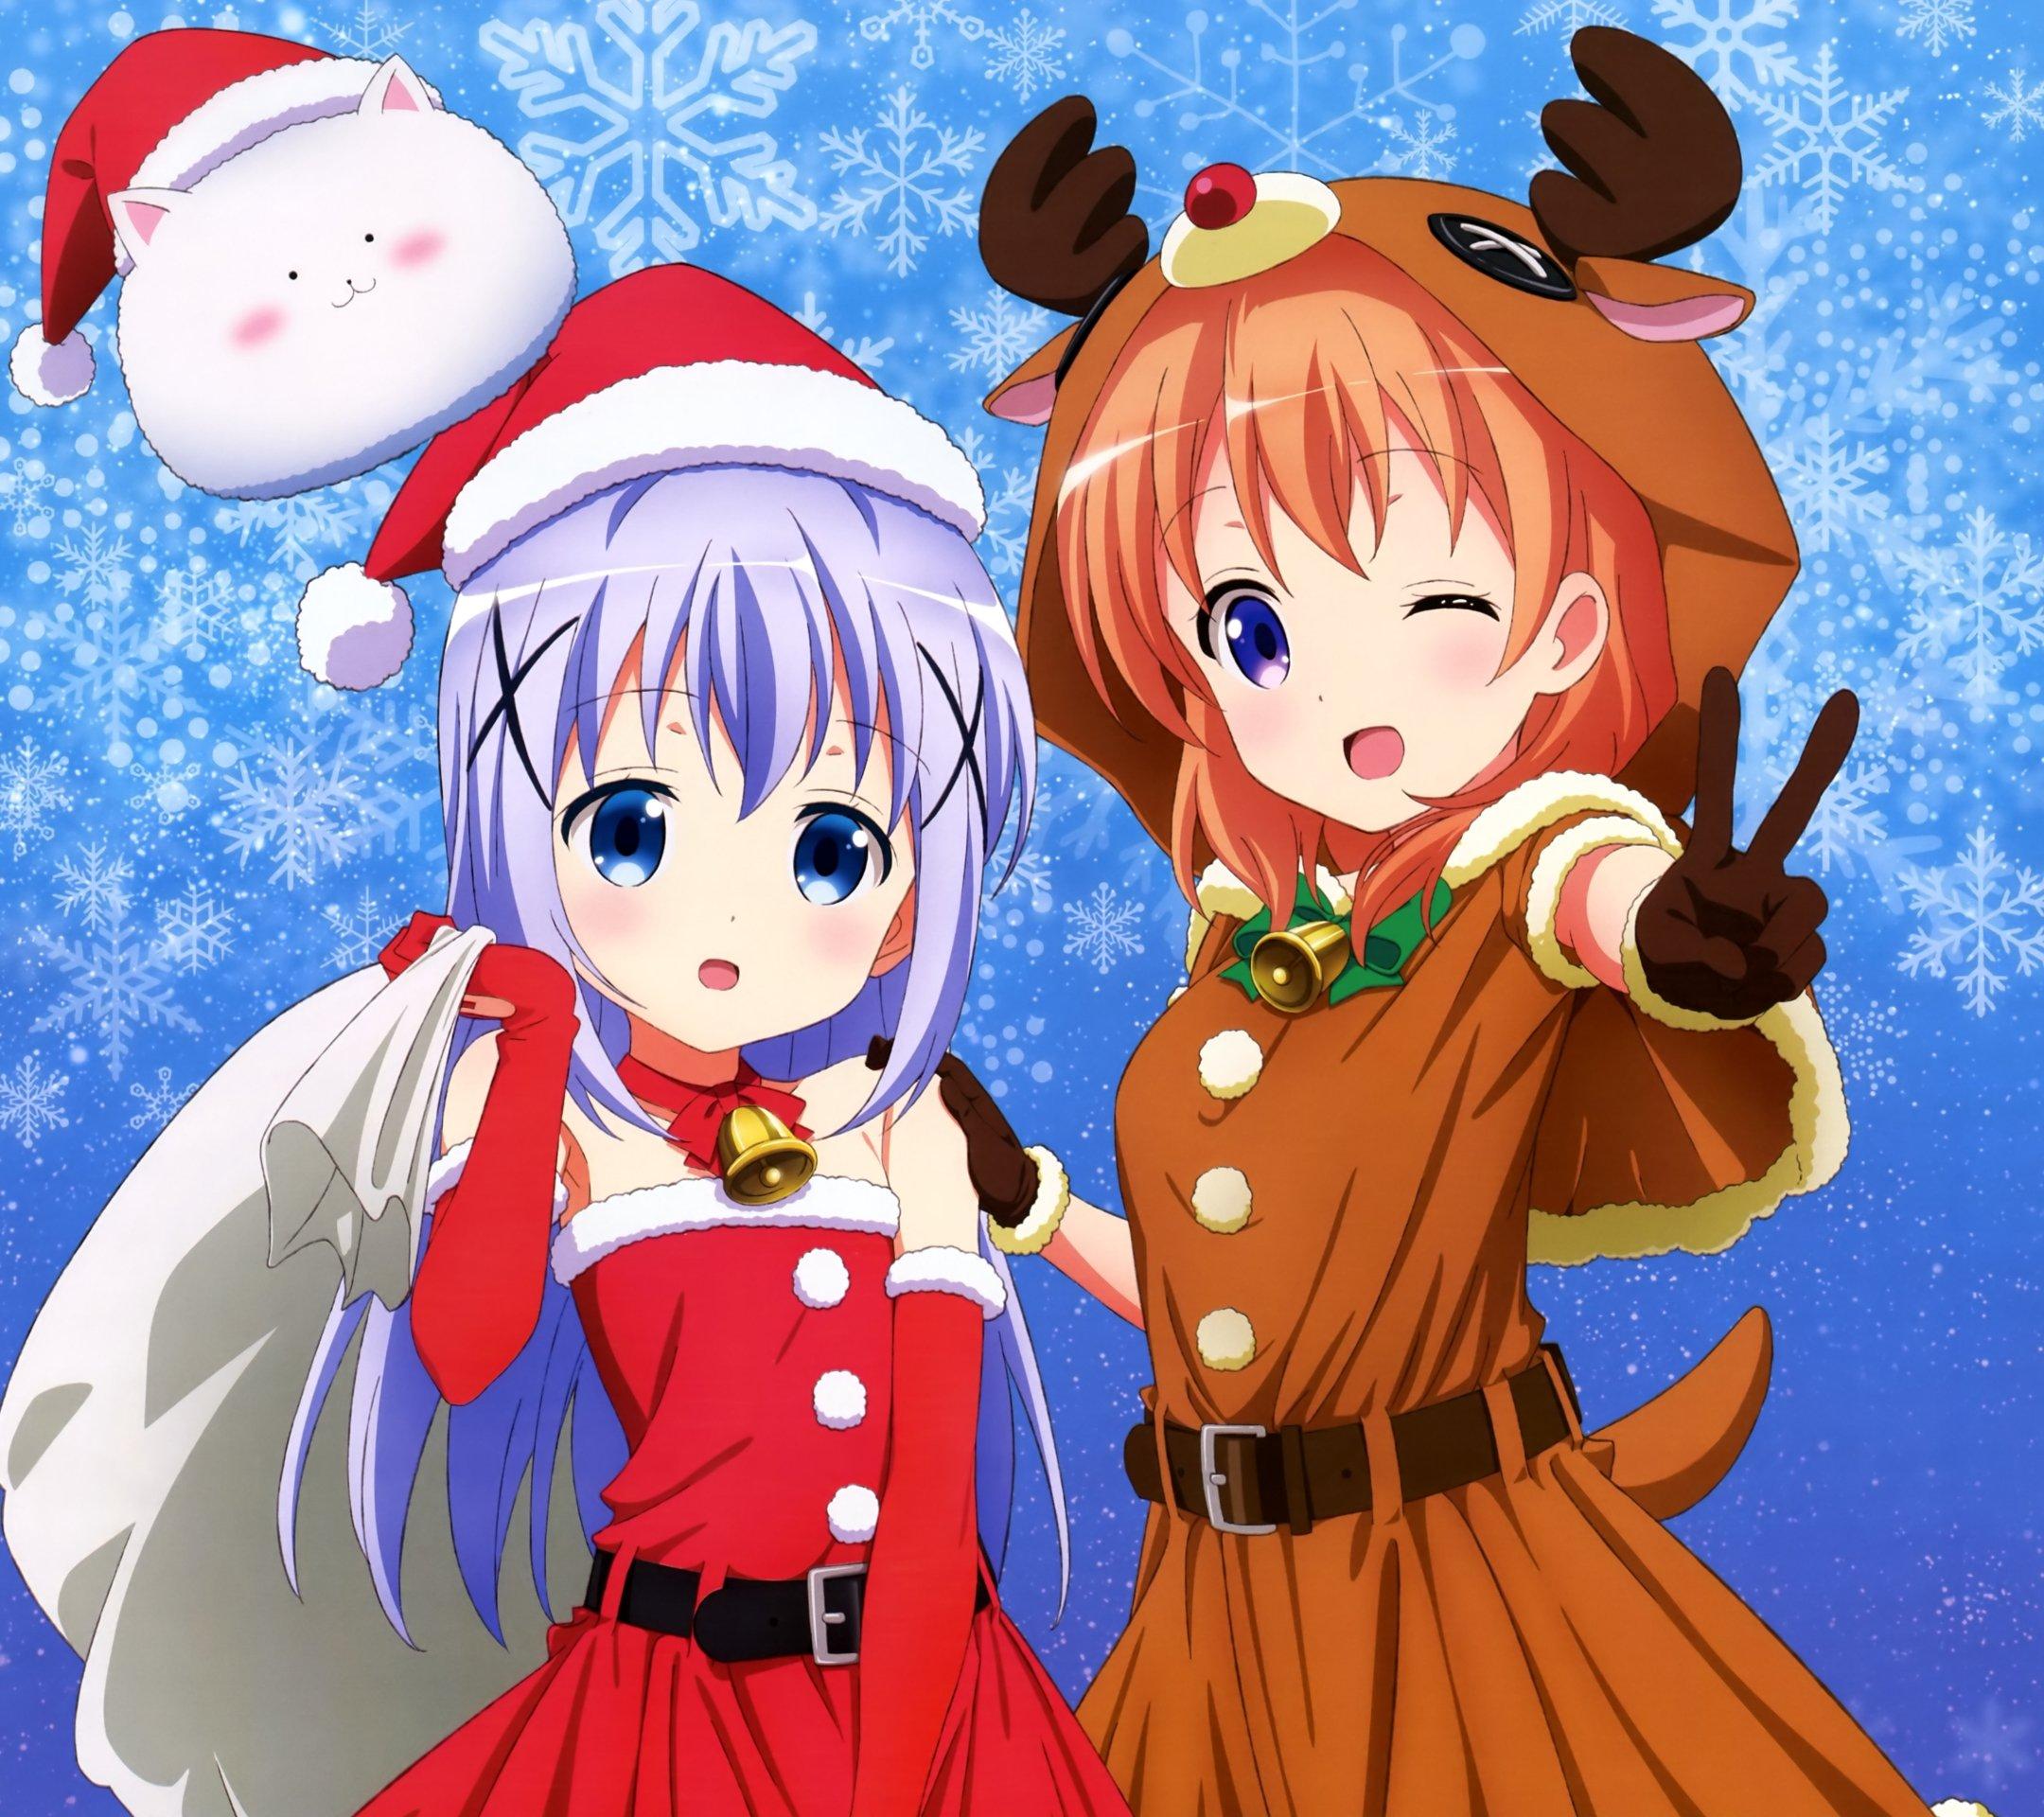 Christmas Anime.Christmas Anime 2017 Gochumon Wa Usagi Desu Ka Cocoa Hoto